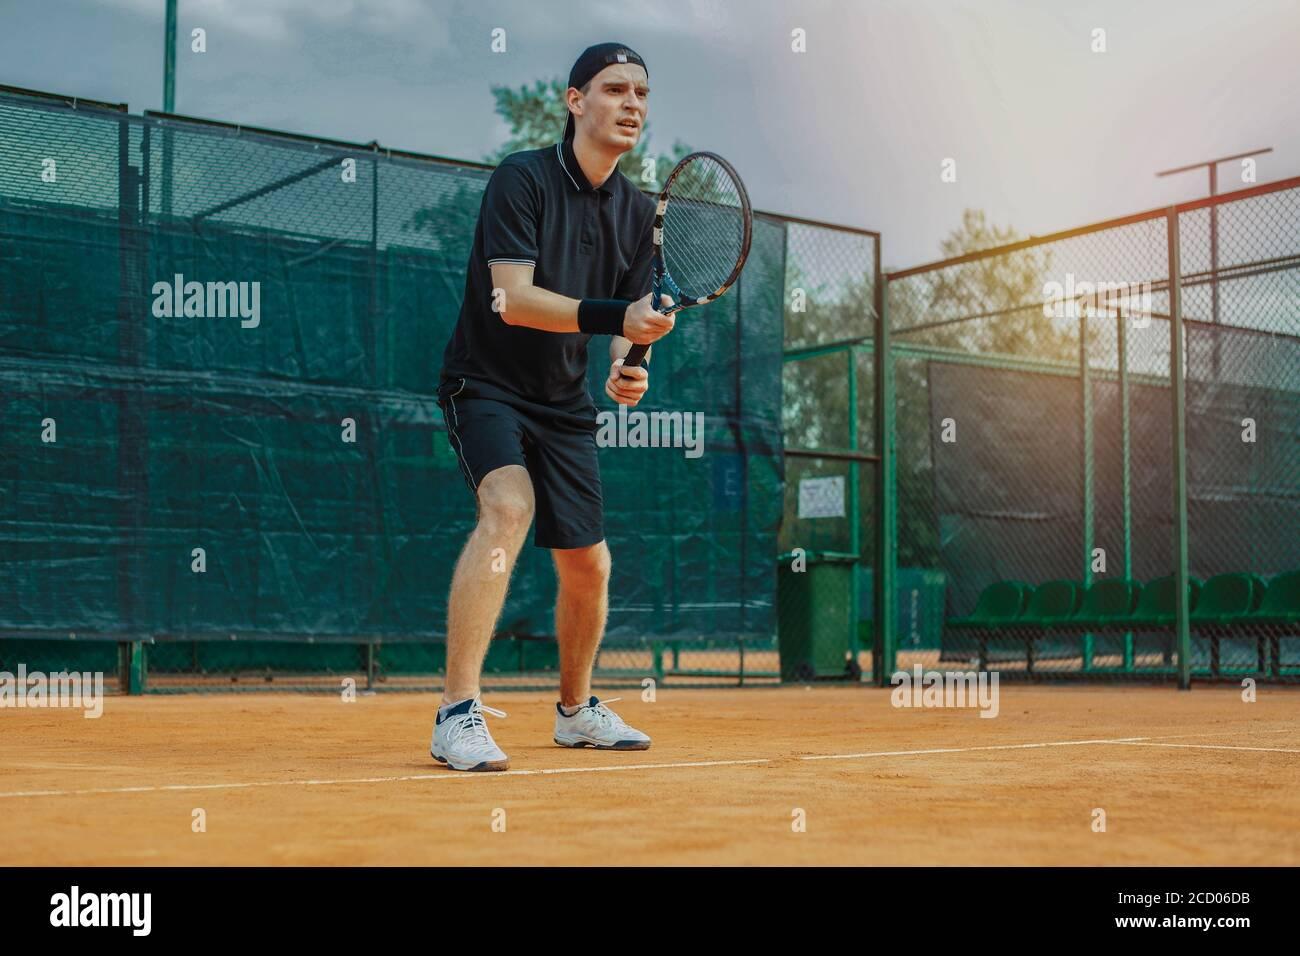 Plan lointain de l'homme tenant raquette dans les deux mains à Tendez la grève en attendant que le ballon soit servi sur le court de tennis Banque D'Images